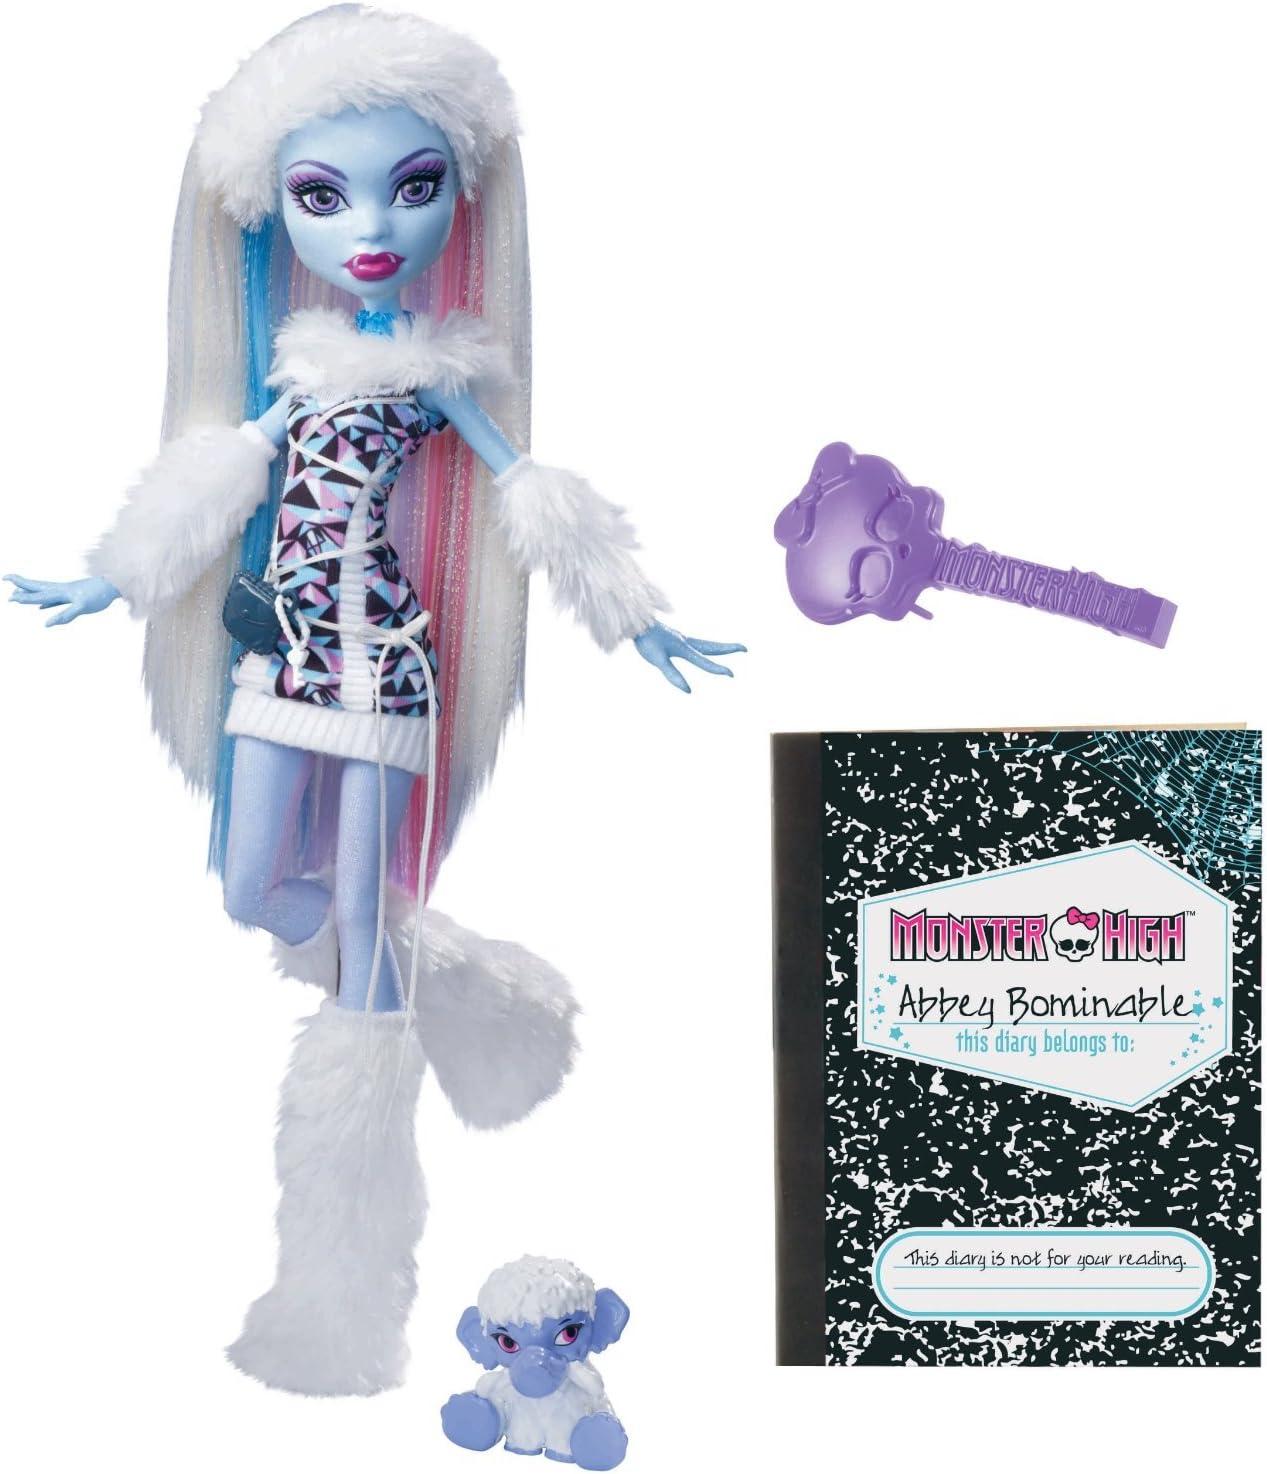 Amazon.es: Monster High - Abbey Bominable (Versión importada con diario en idioma extranjero): Juguetes y juegos